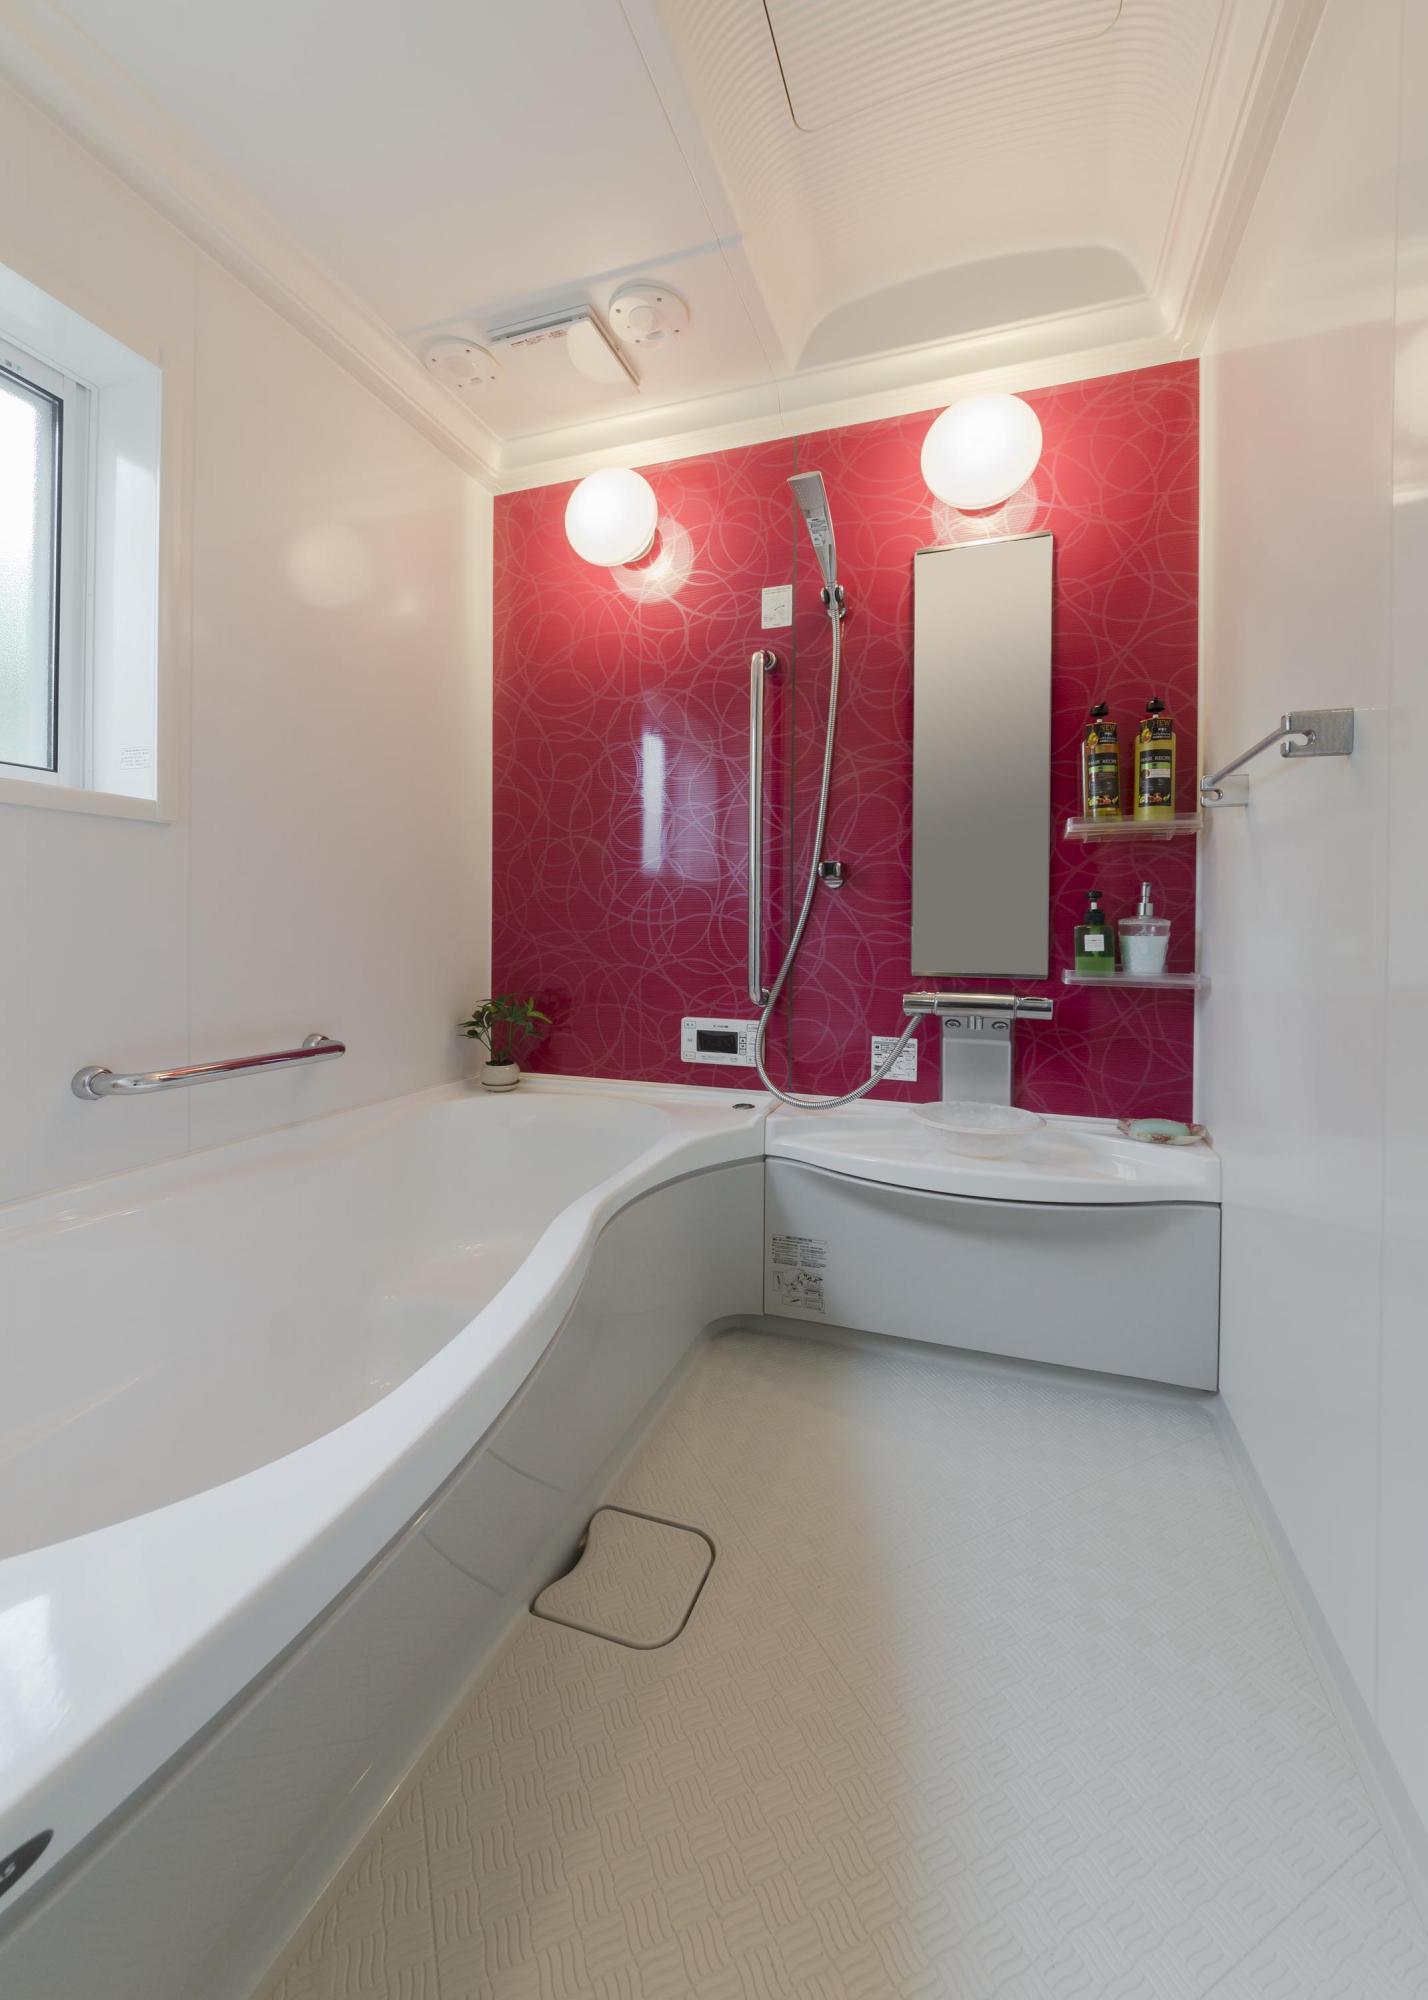 バスルームは北東に移動し、浴槽も洗い場も広さを確保。アクセントカラーに個性的なレッドをセレクトした。